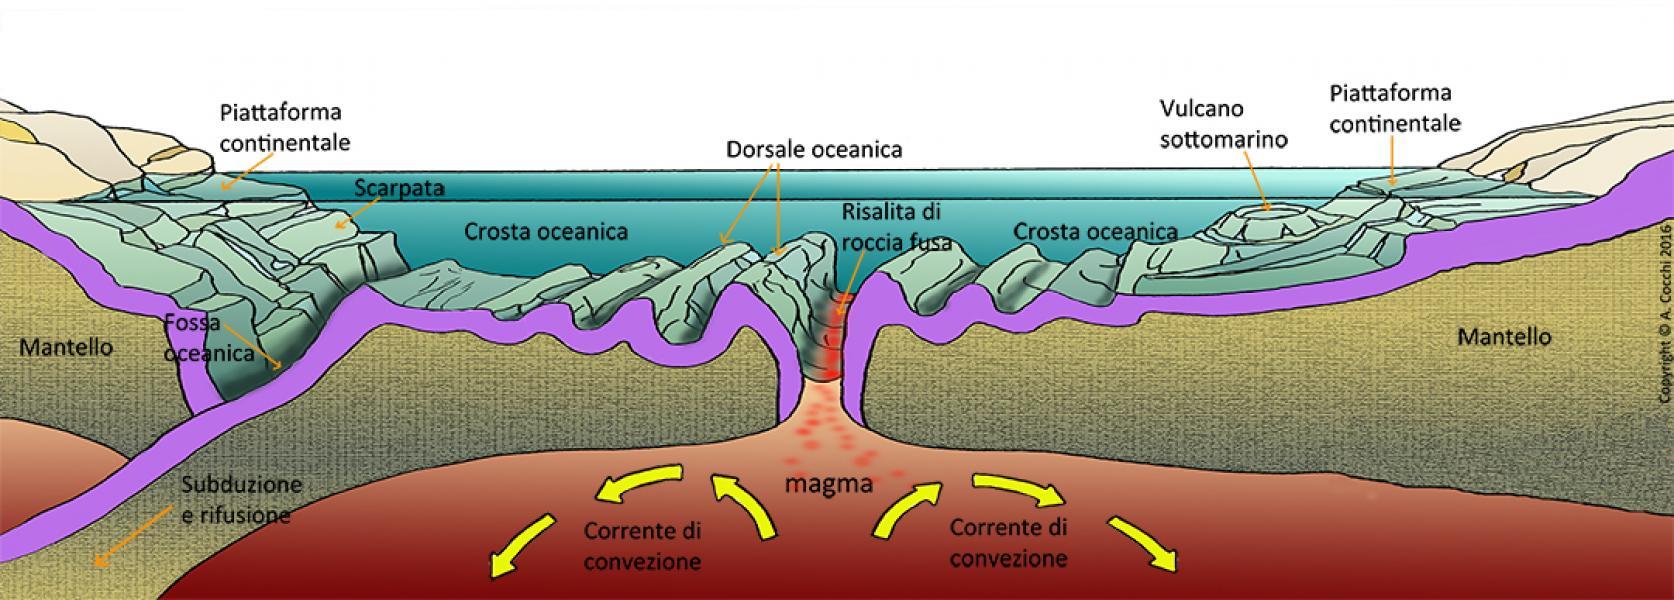 Fondale oceanico. Orogenesi. 2017. Illustrazione digitale. Copyright A. Cocchi © 2017